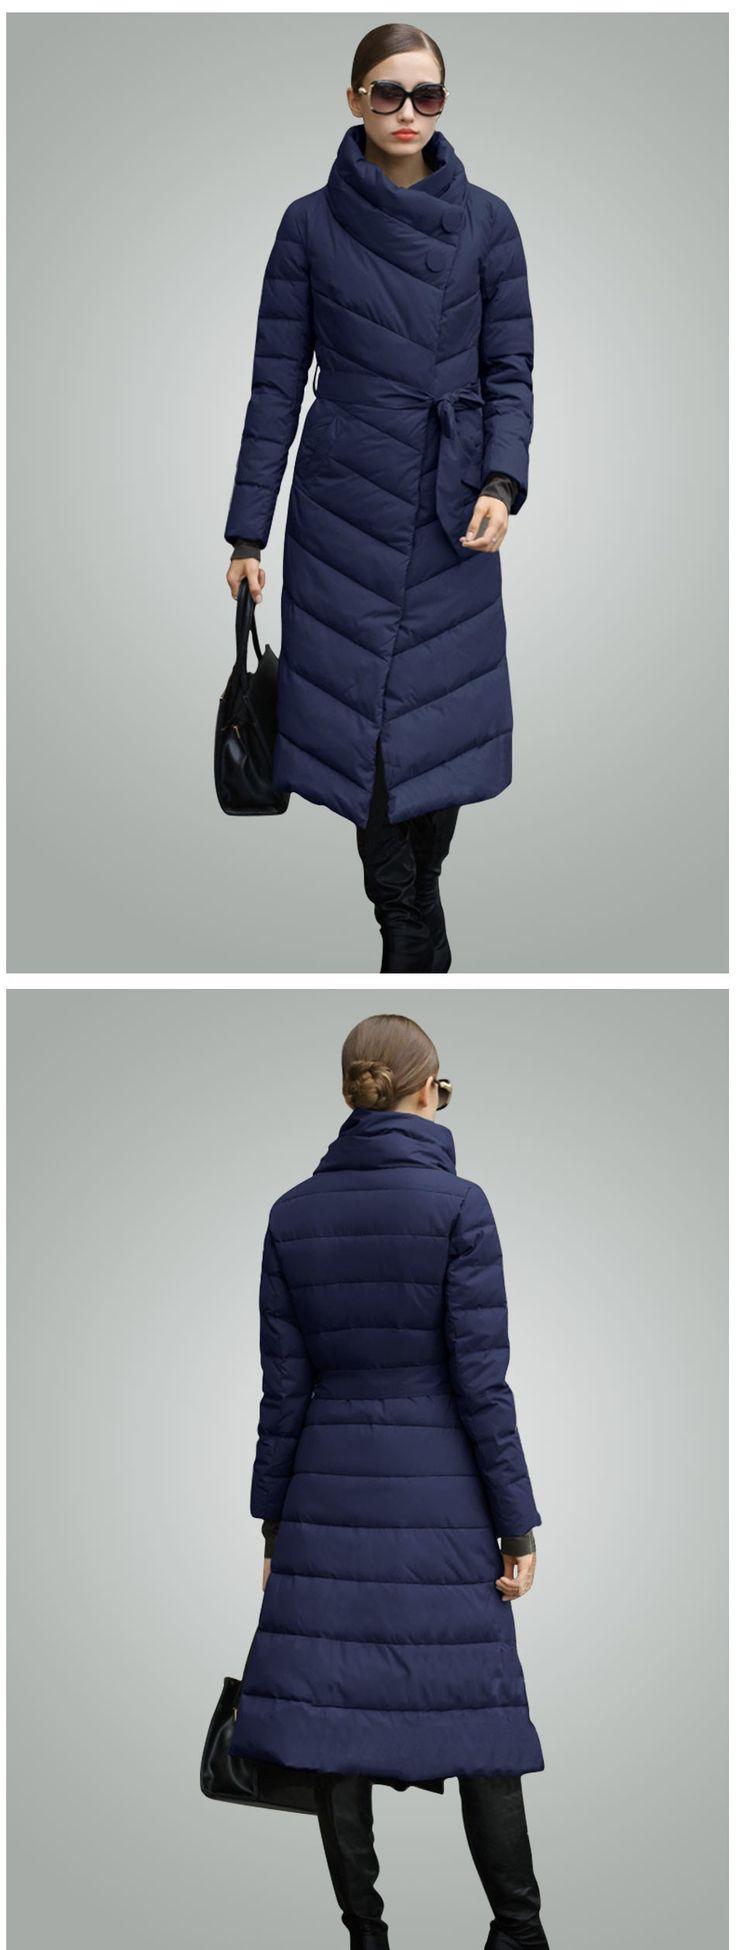 Ceprask 2016 Высокое Качество женские зимние пуховик Плюс Размер X долго женский пальто Тонкий Пояс Мода Теплый куртка casaco camperas купить на AliExpress